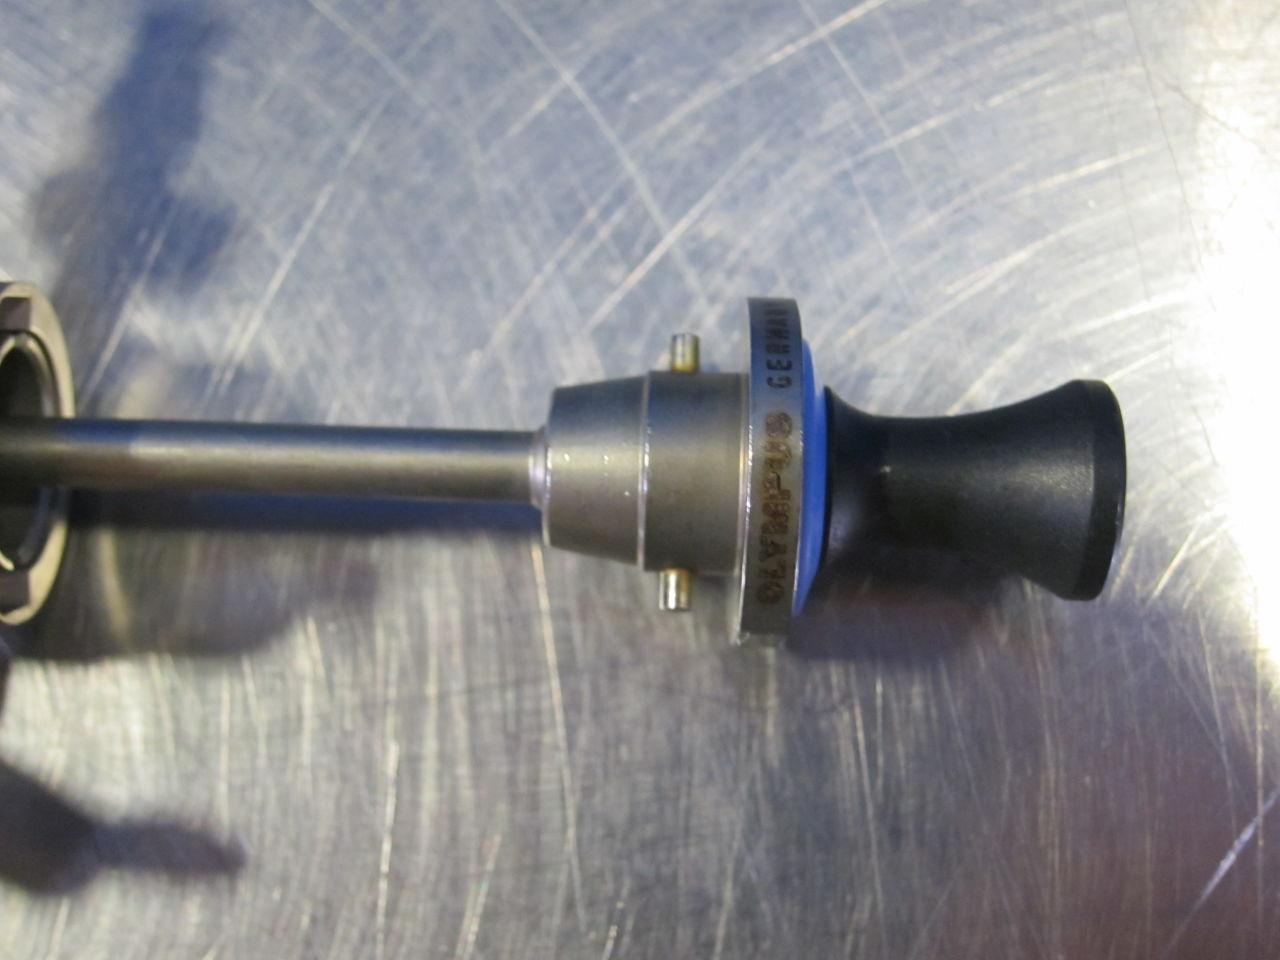 OLYMPUS WA70051A Sheath Blunt Obturator